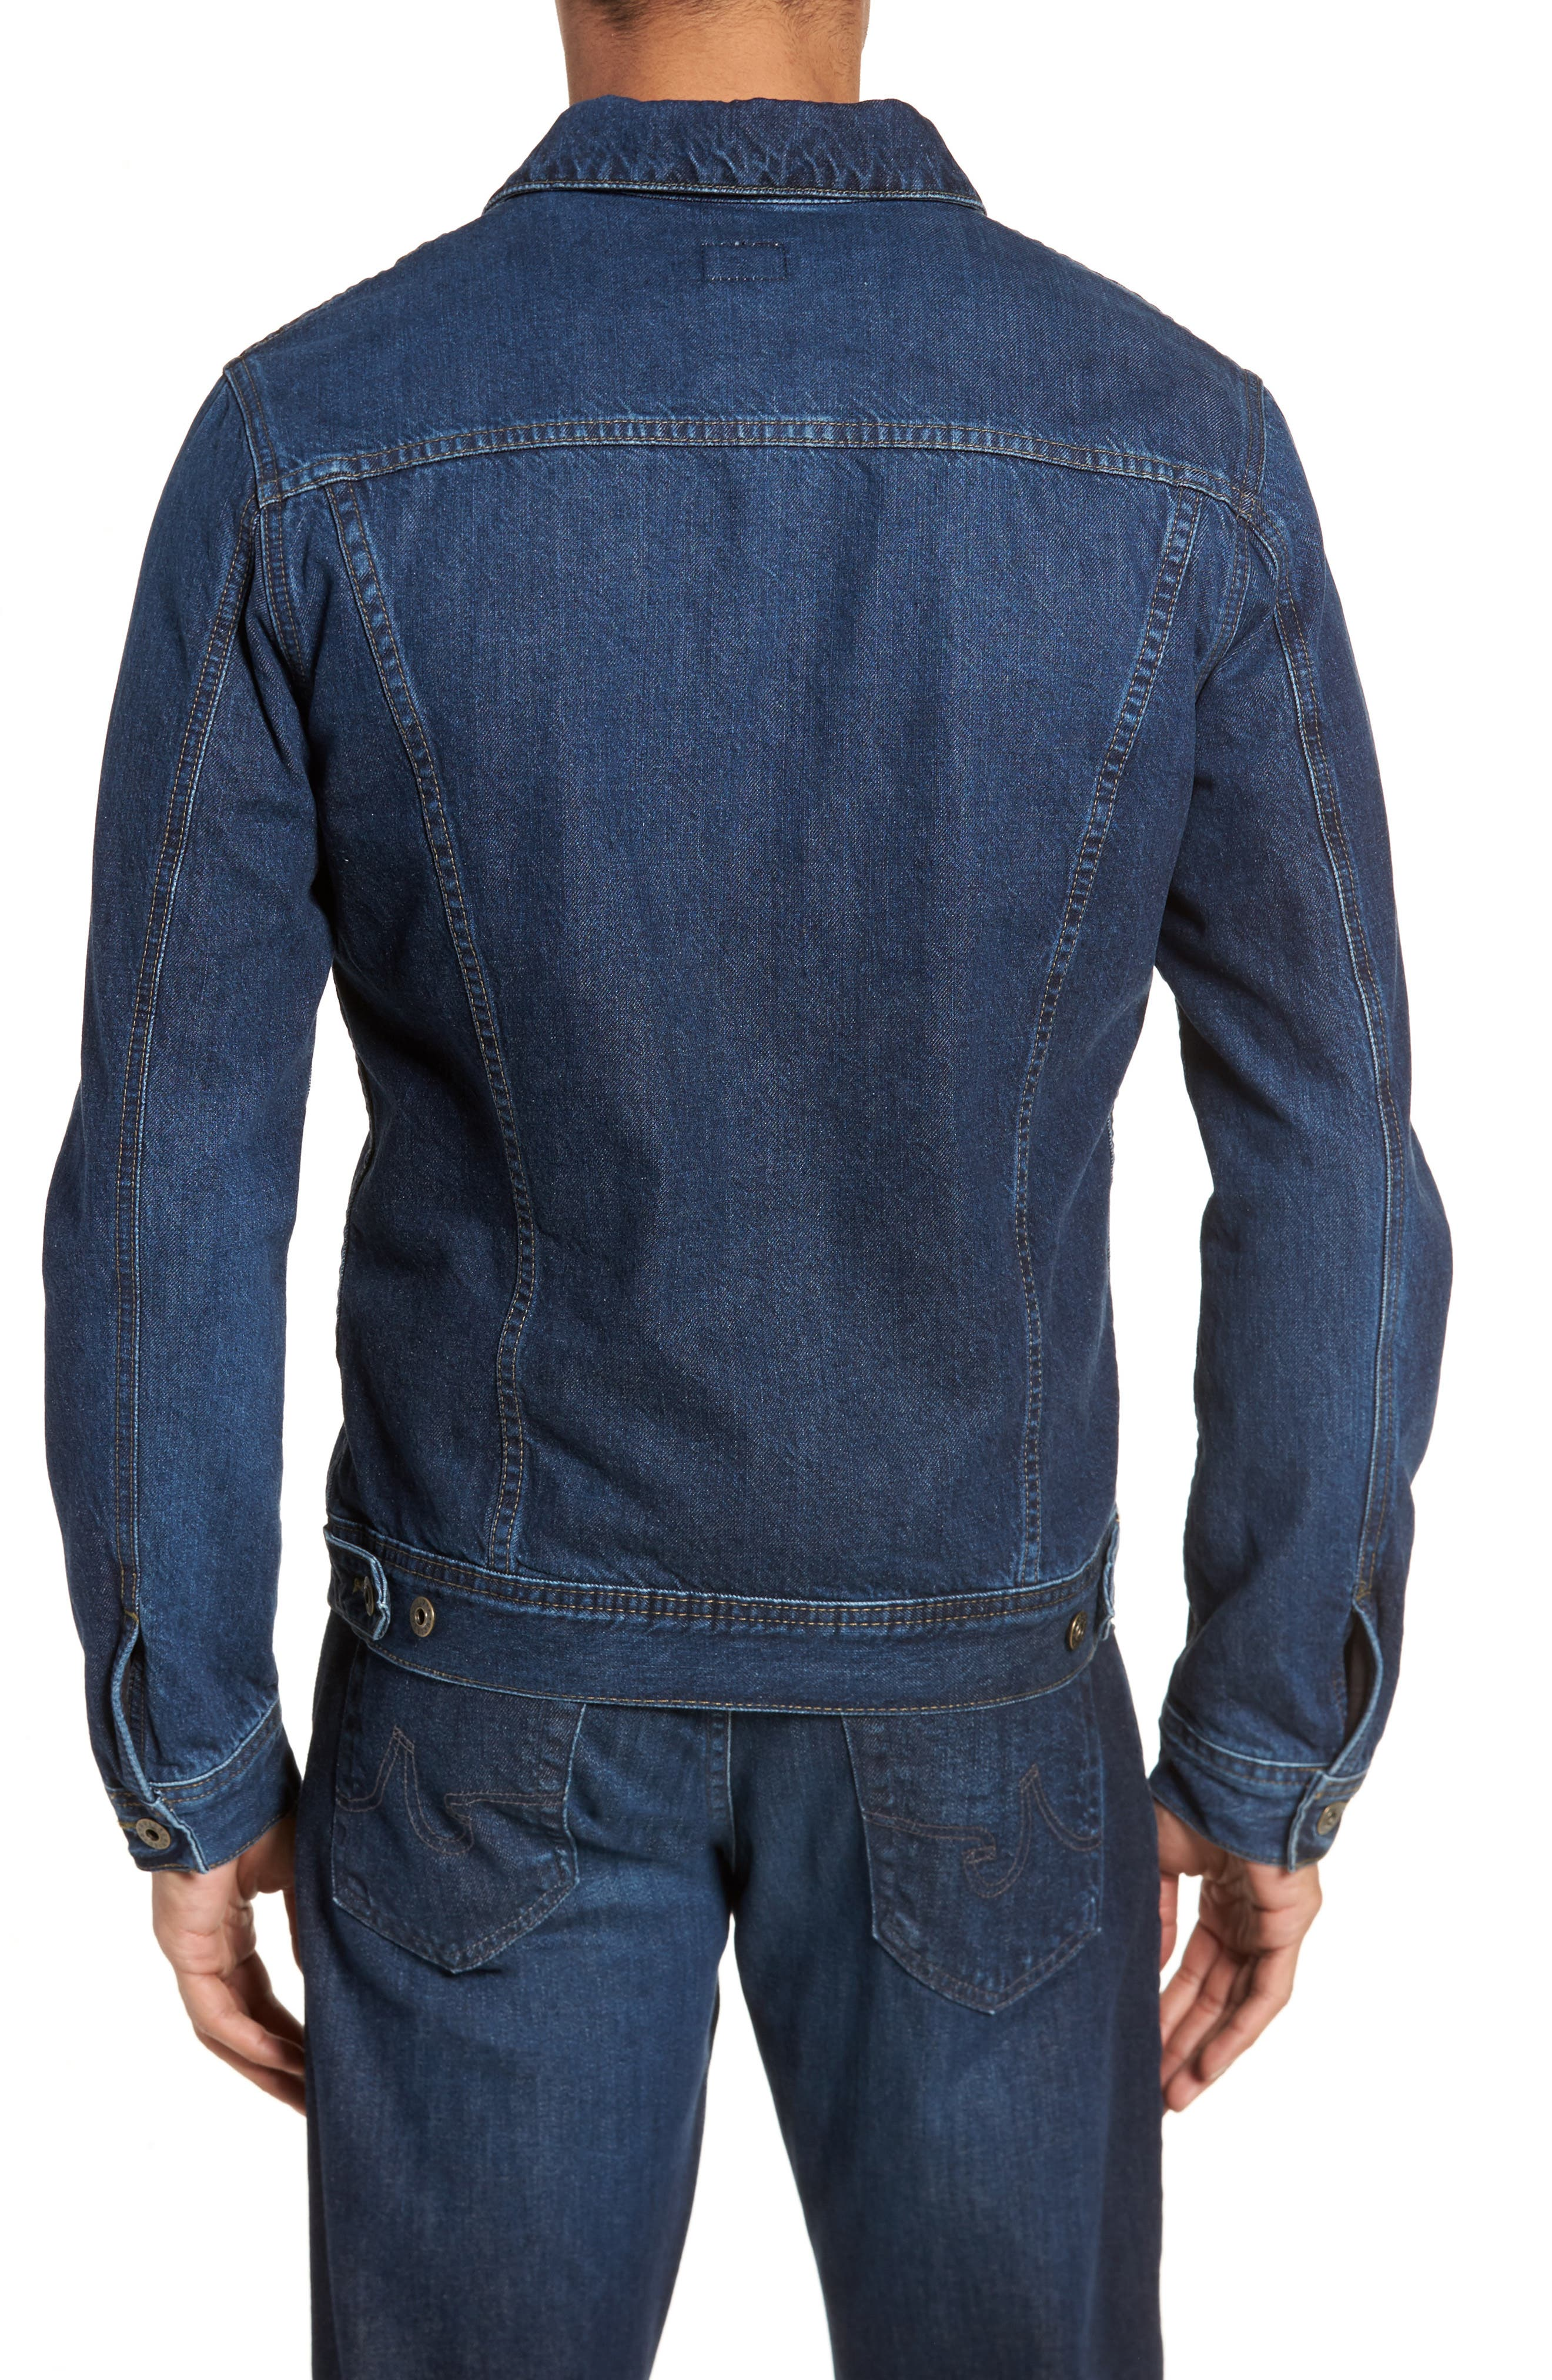 Regular Fit Lined Denim Jacket,                             Alternate thumbnail 2, color,